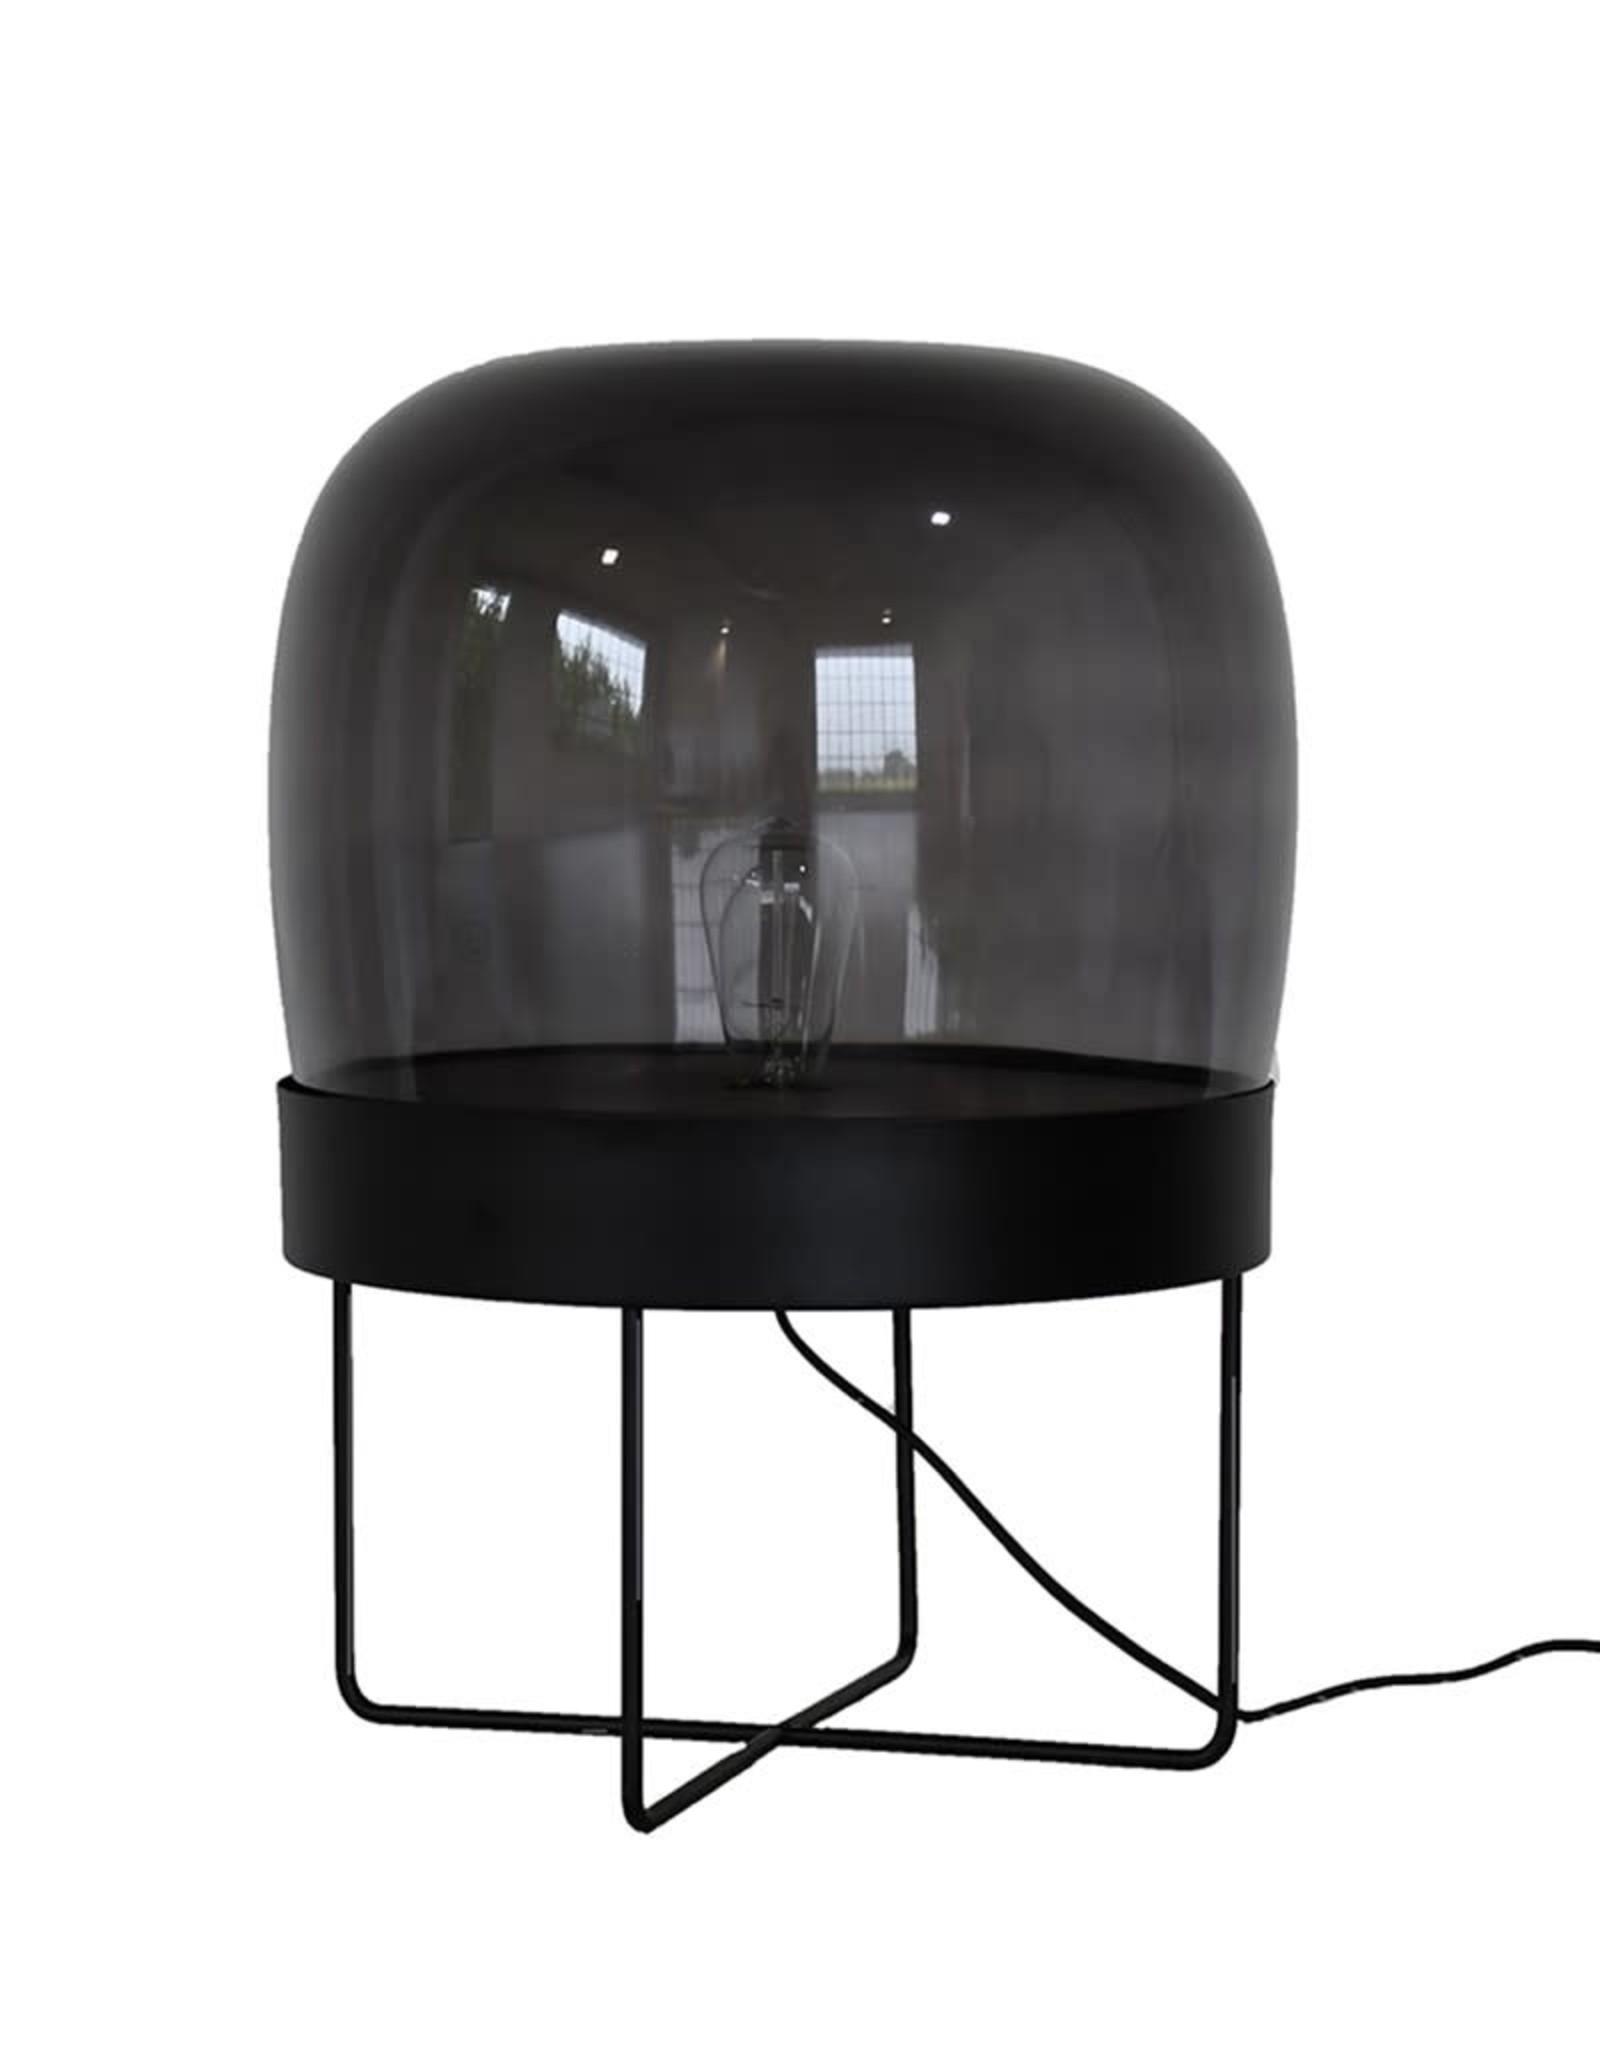 Hubsch Hubsch - Floor lamp, metal/glass, black